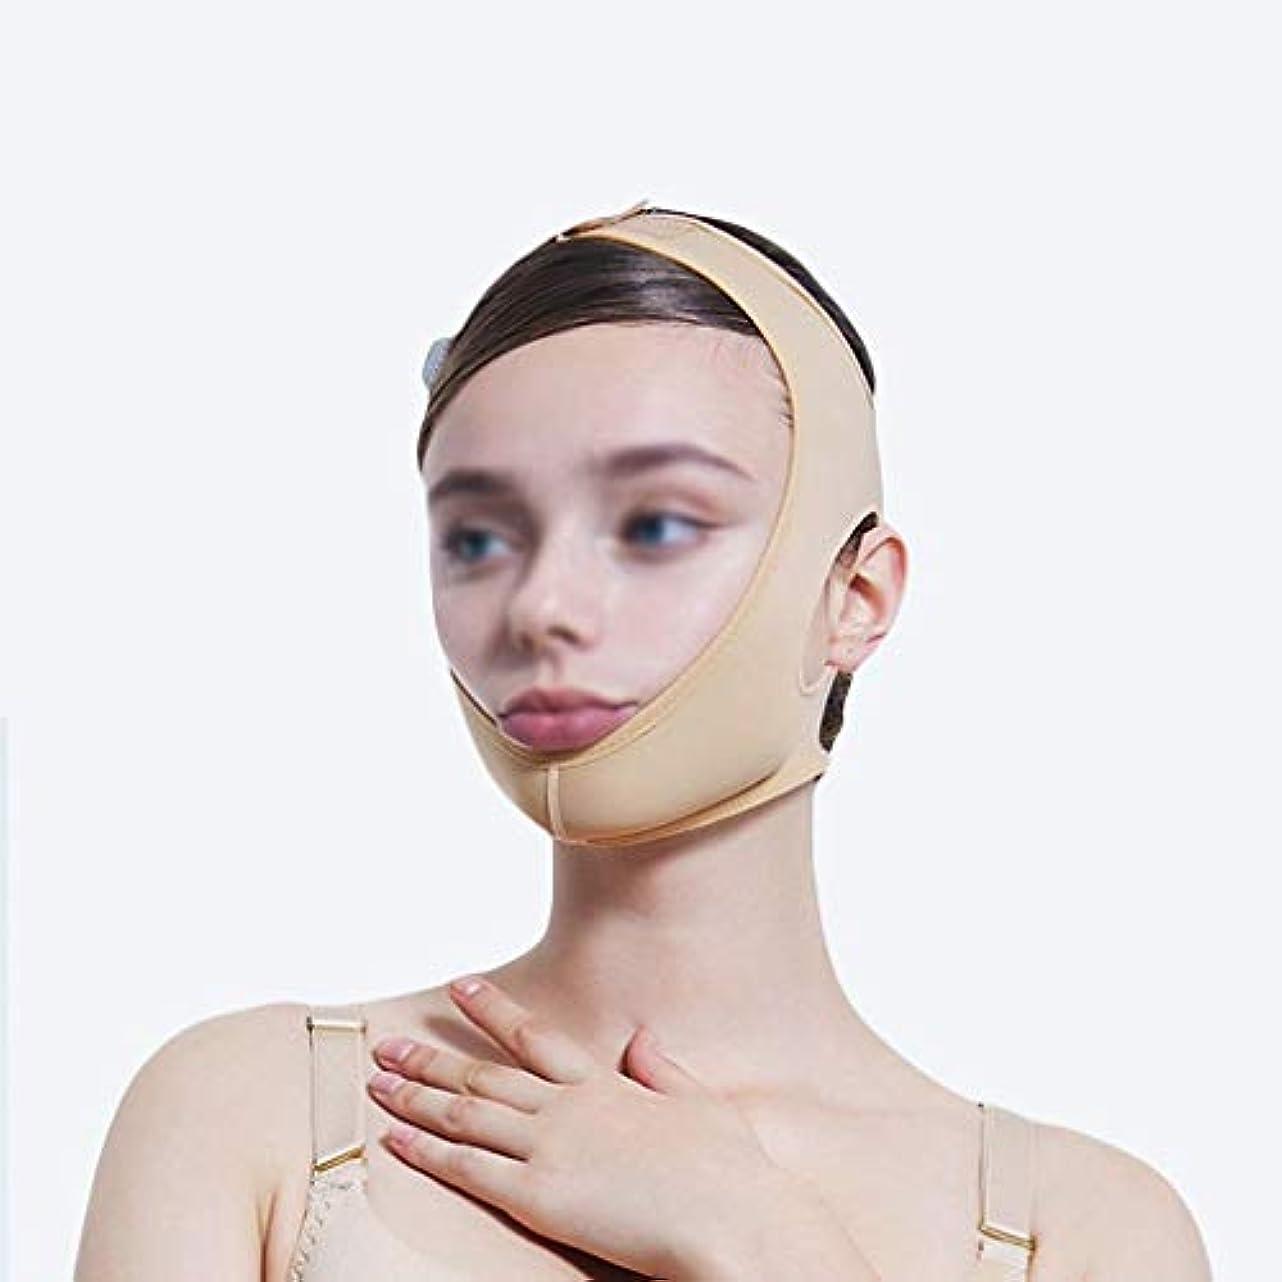 半導体可能性フックフェイシャルライン、頬、しわ防止フェイシャル減量、フェイスバンド、フェイスマスク、フェイスリフティング、通気性、ダブルチンストラップ(サイズ:XXL),XS